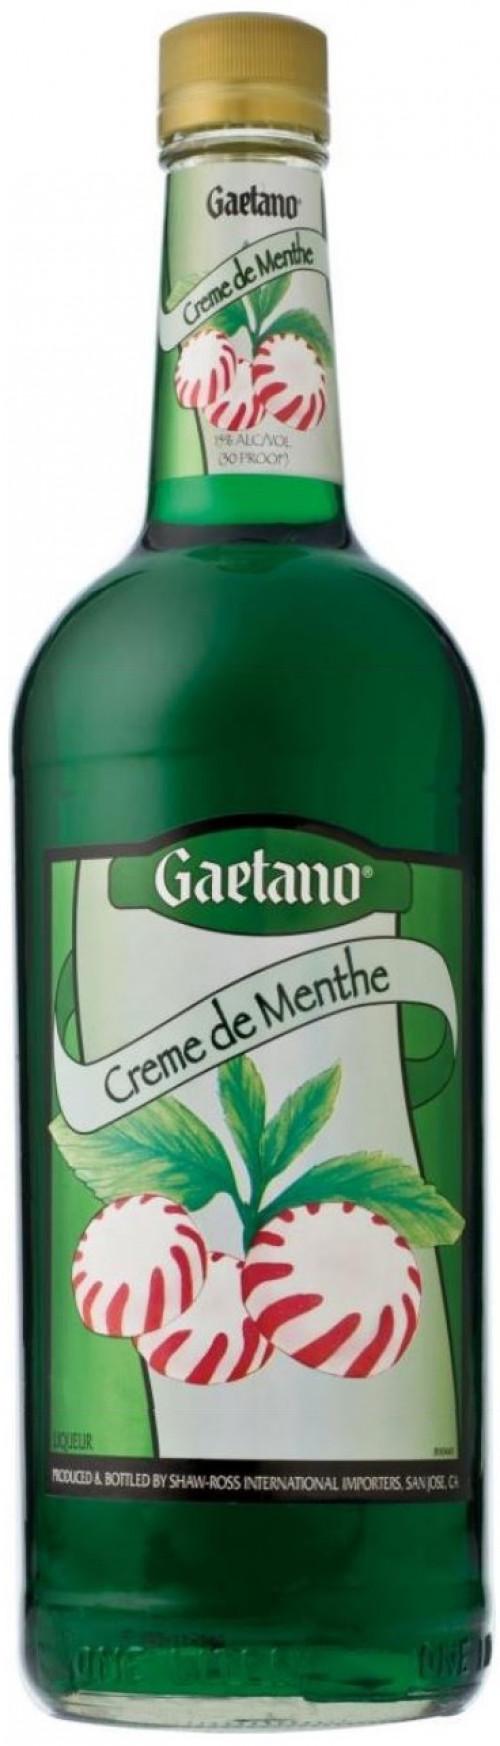 Gaetano Creme De Menthe Green